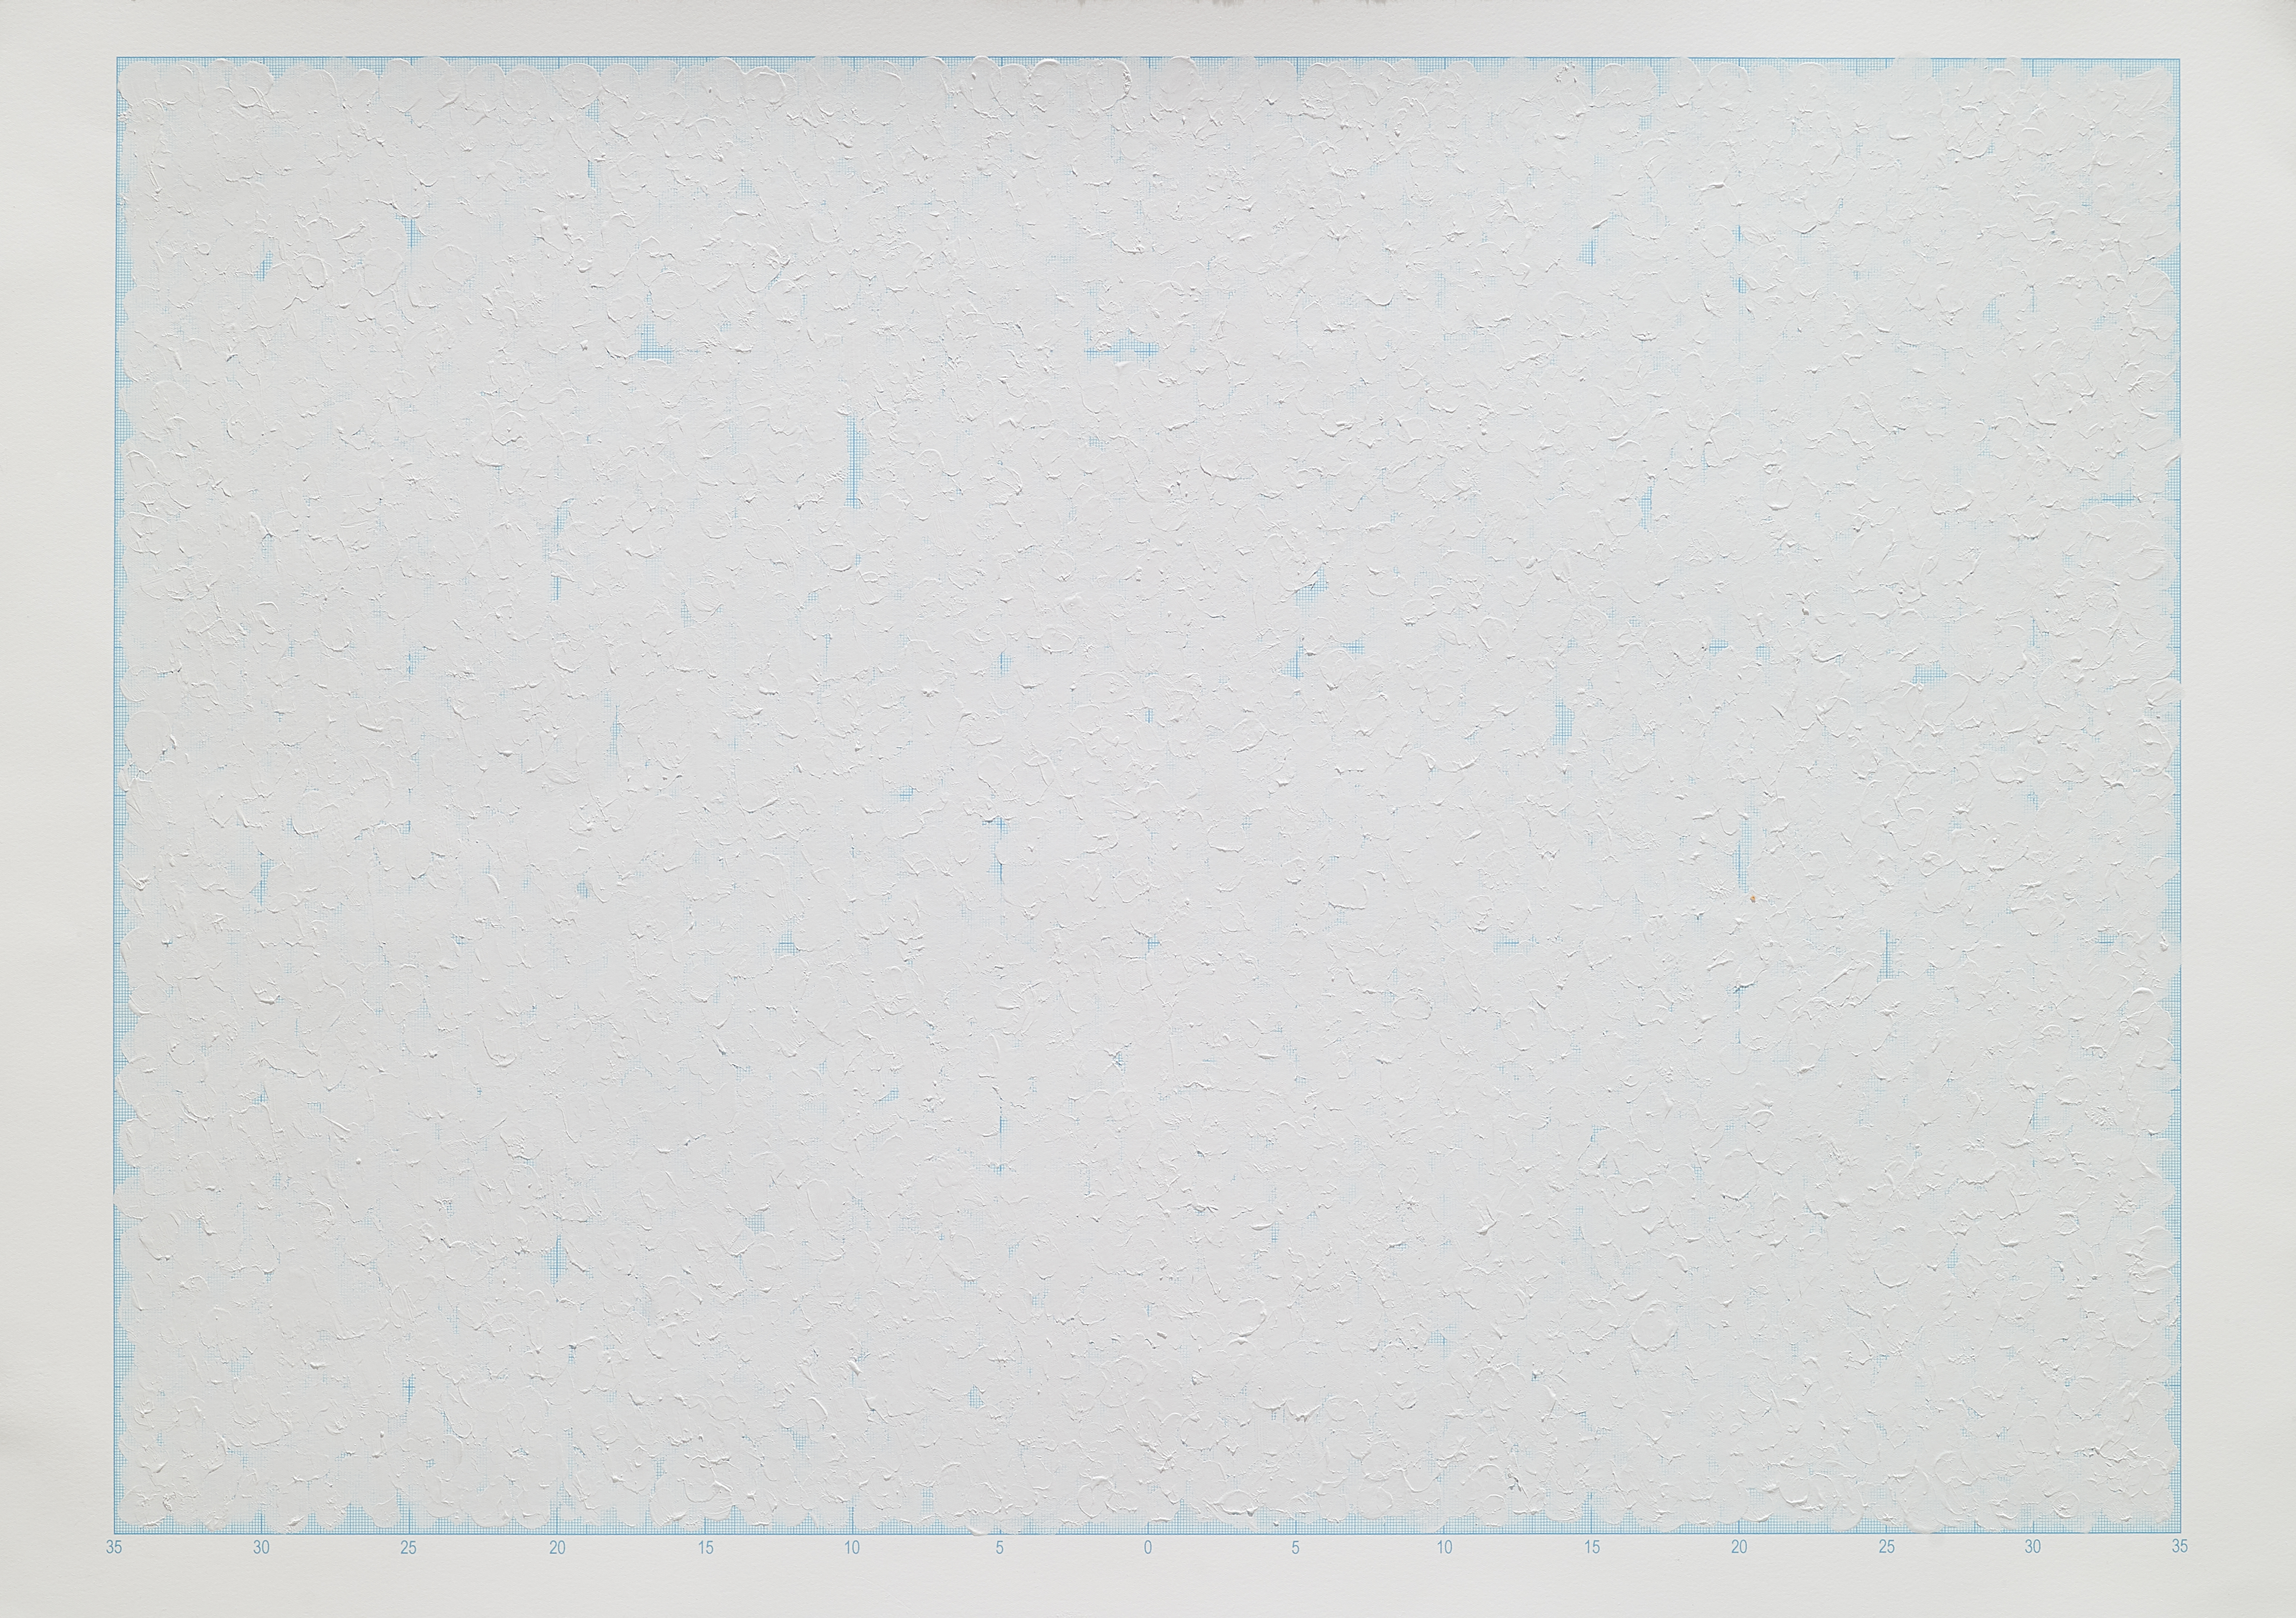 平面條件 G15-102, 2015년